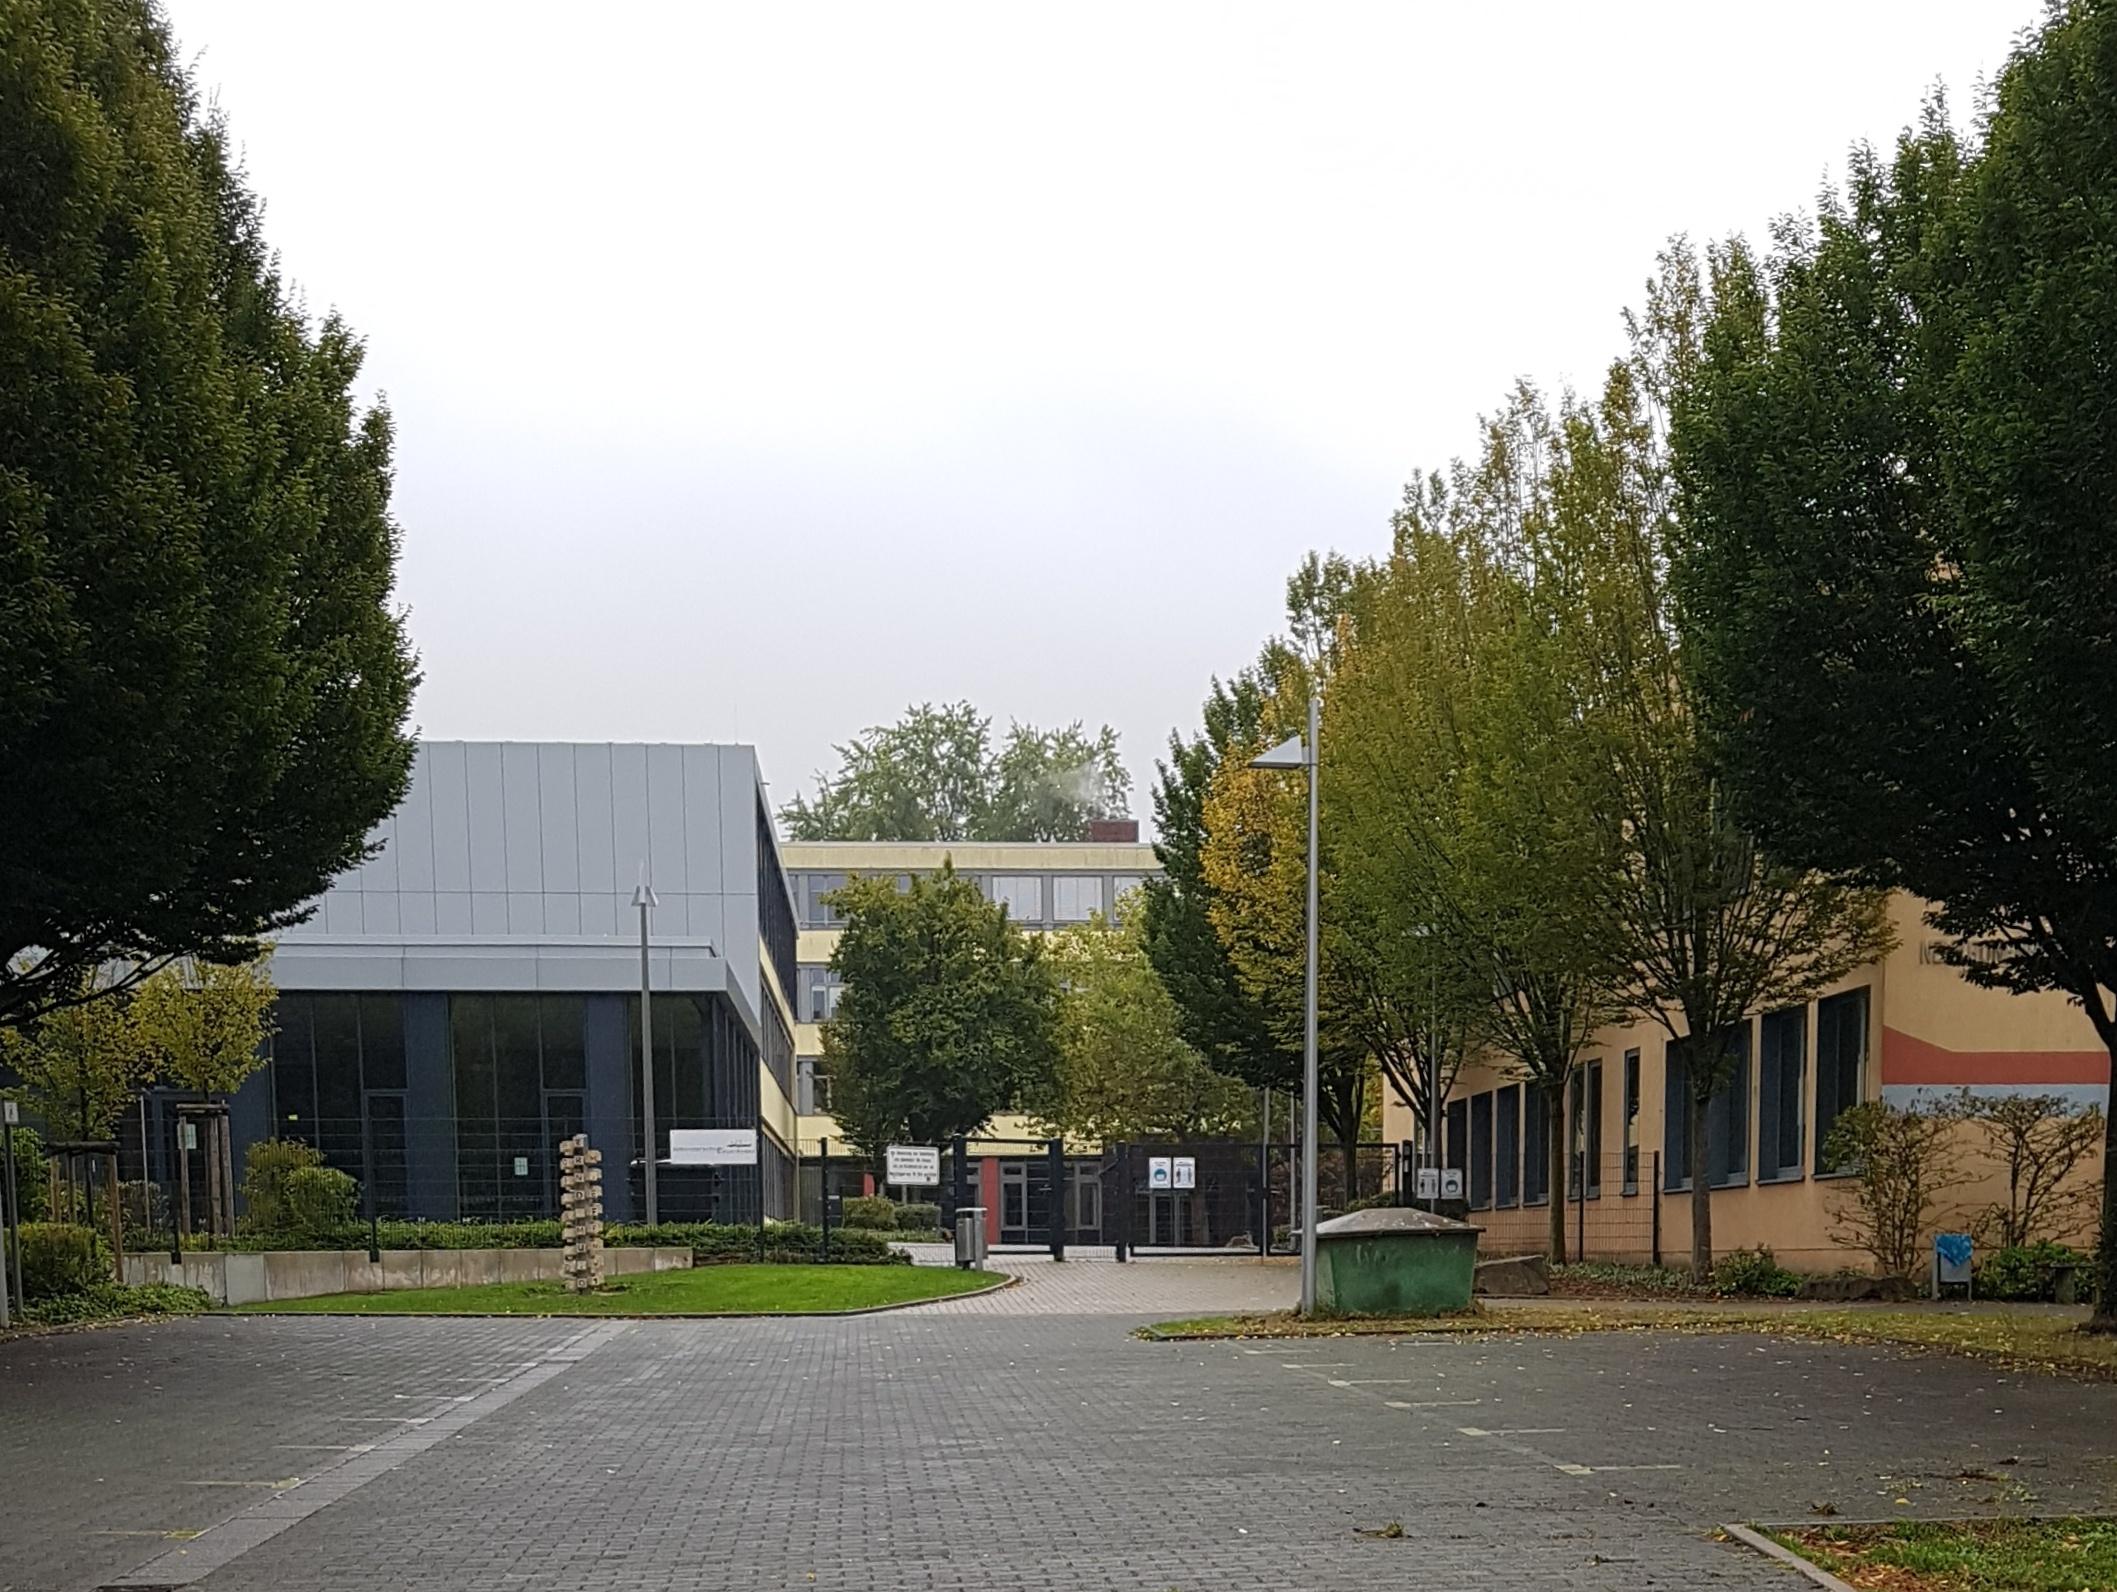 Sekundarschule Leverkusen in Neukronenberger Str. 77 51381 Leverkusen-Quettingen